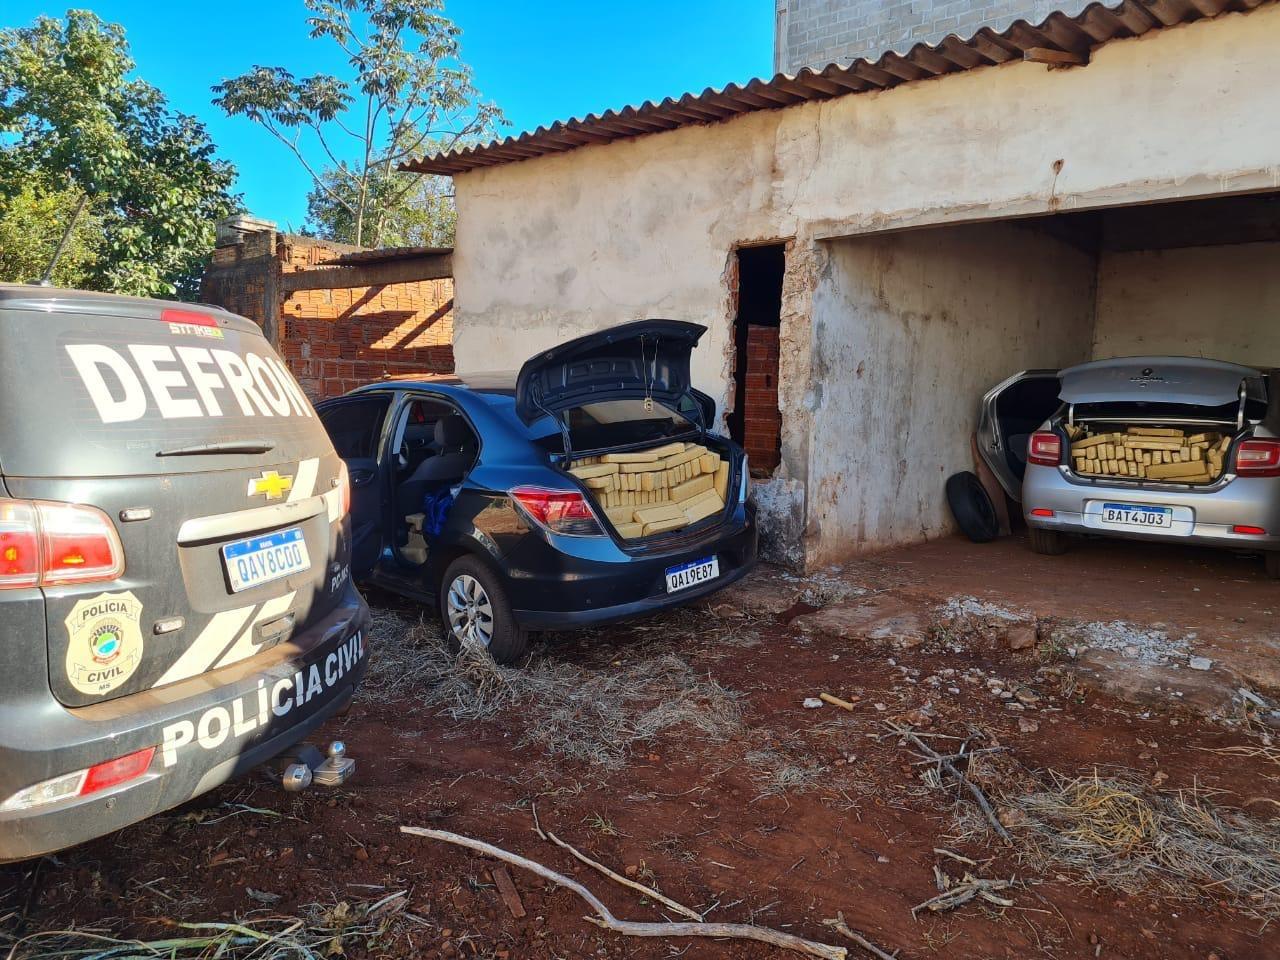 Defron fecha entreposto de drogas do comando vermelho em Dourados